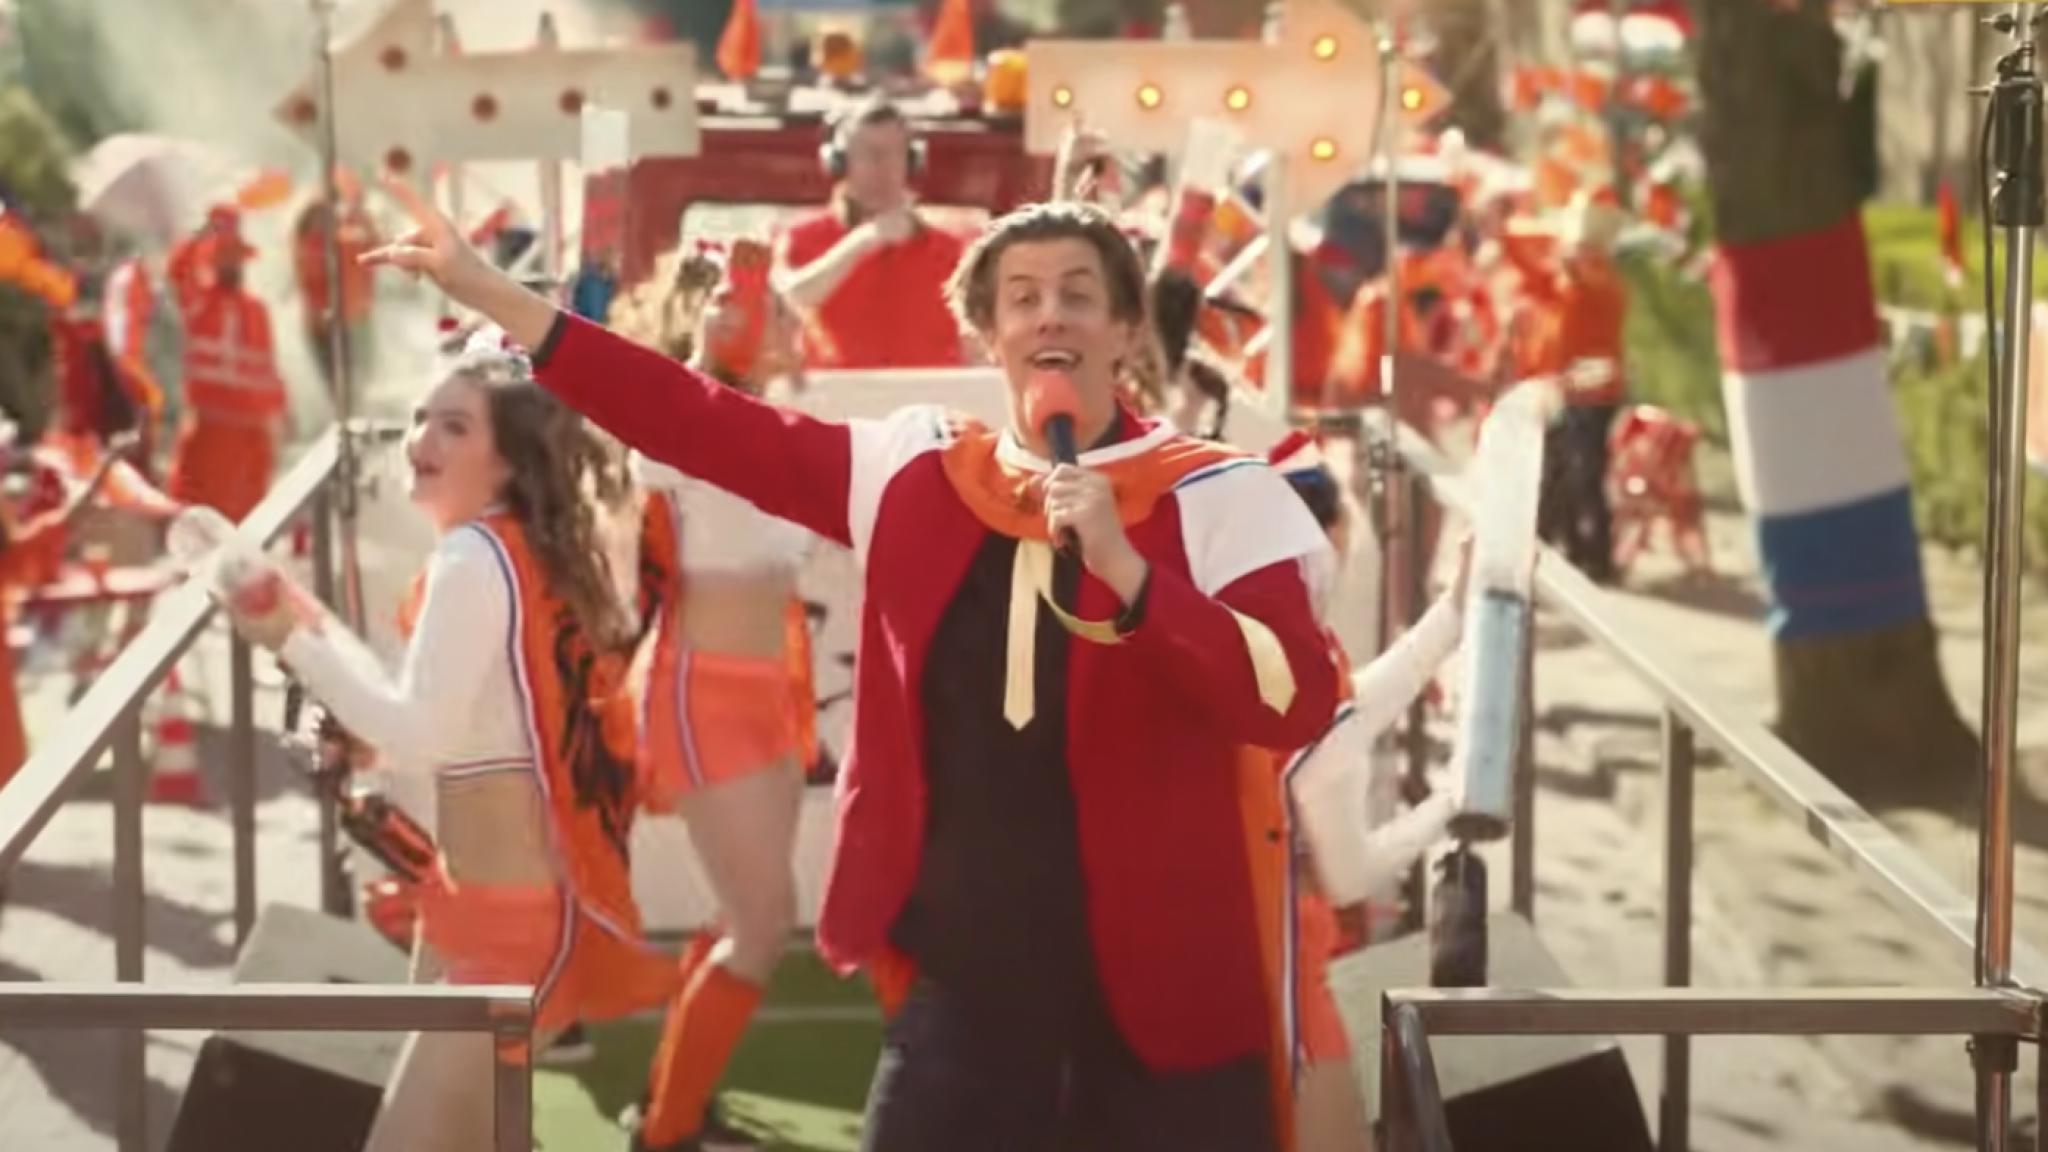 KNVB wil aangepaste Jumbo-reclame zonder Snollebollekes